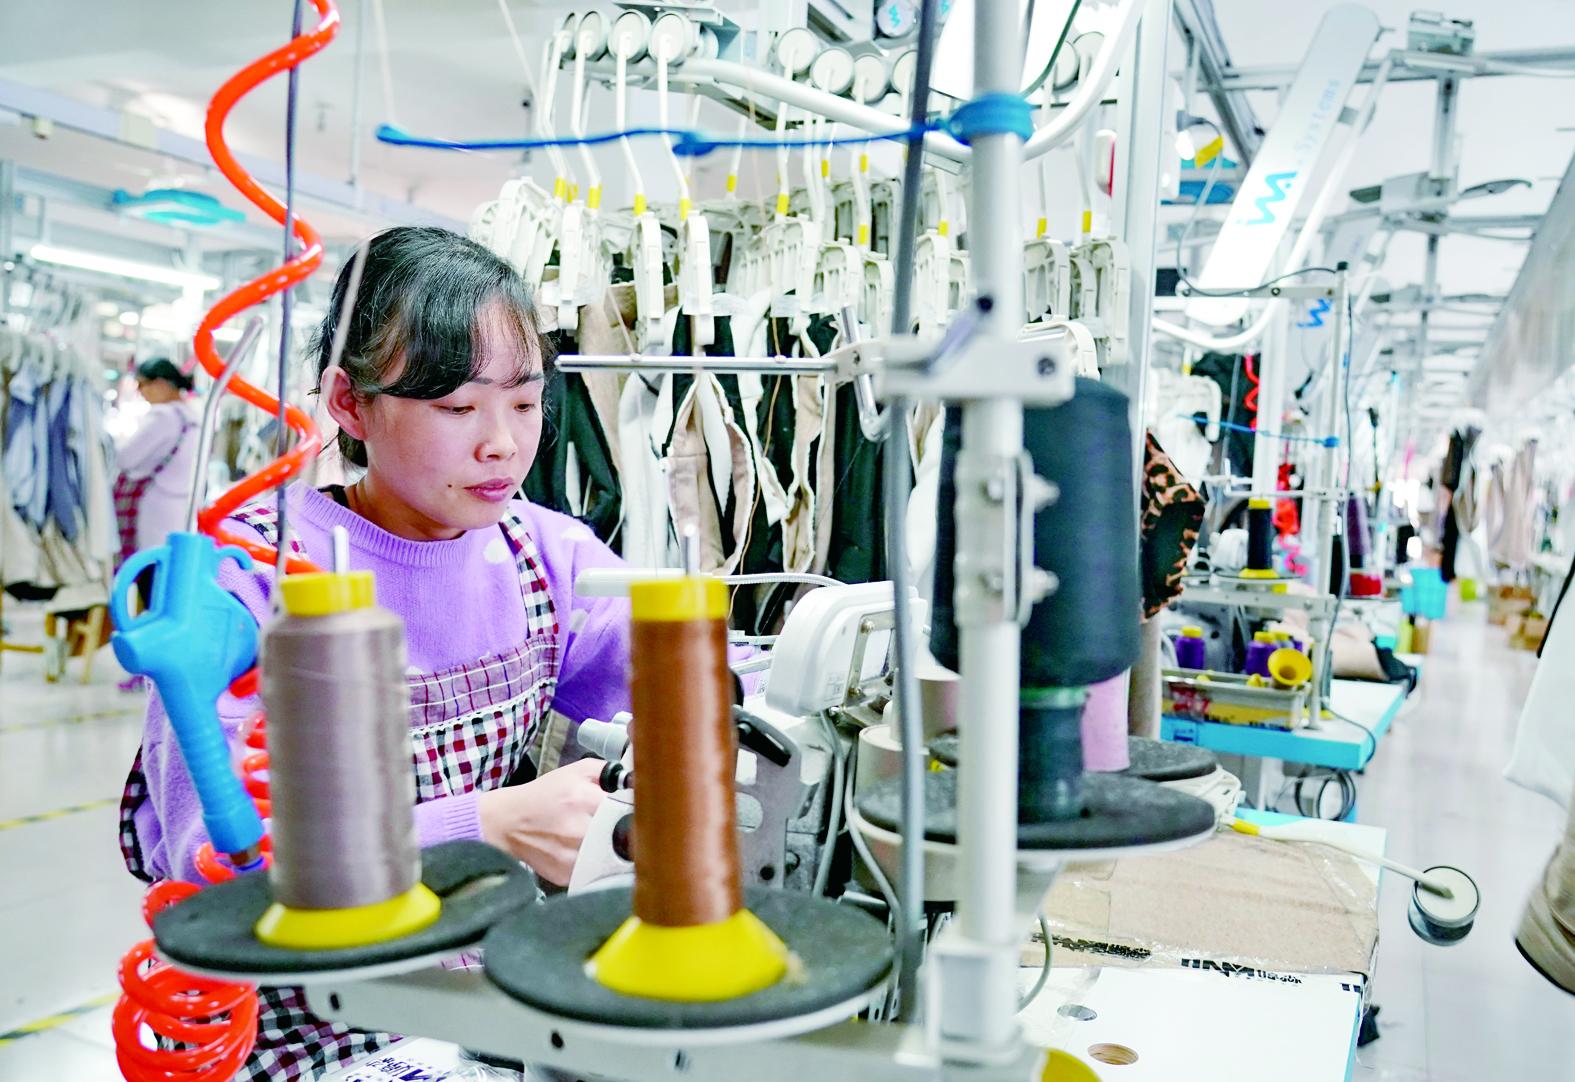 河北省肃宁县依托传统针纺产业优